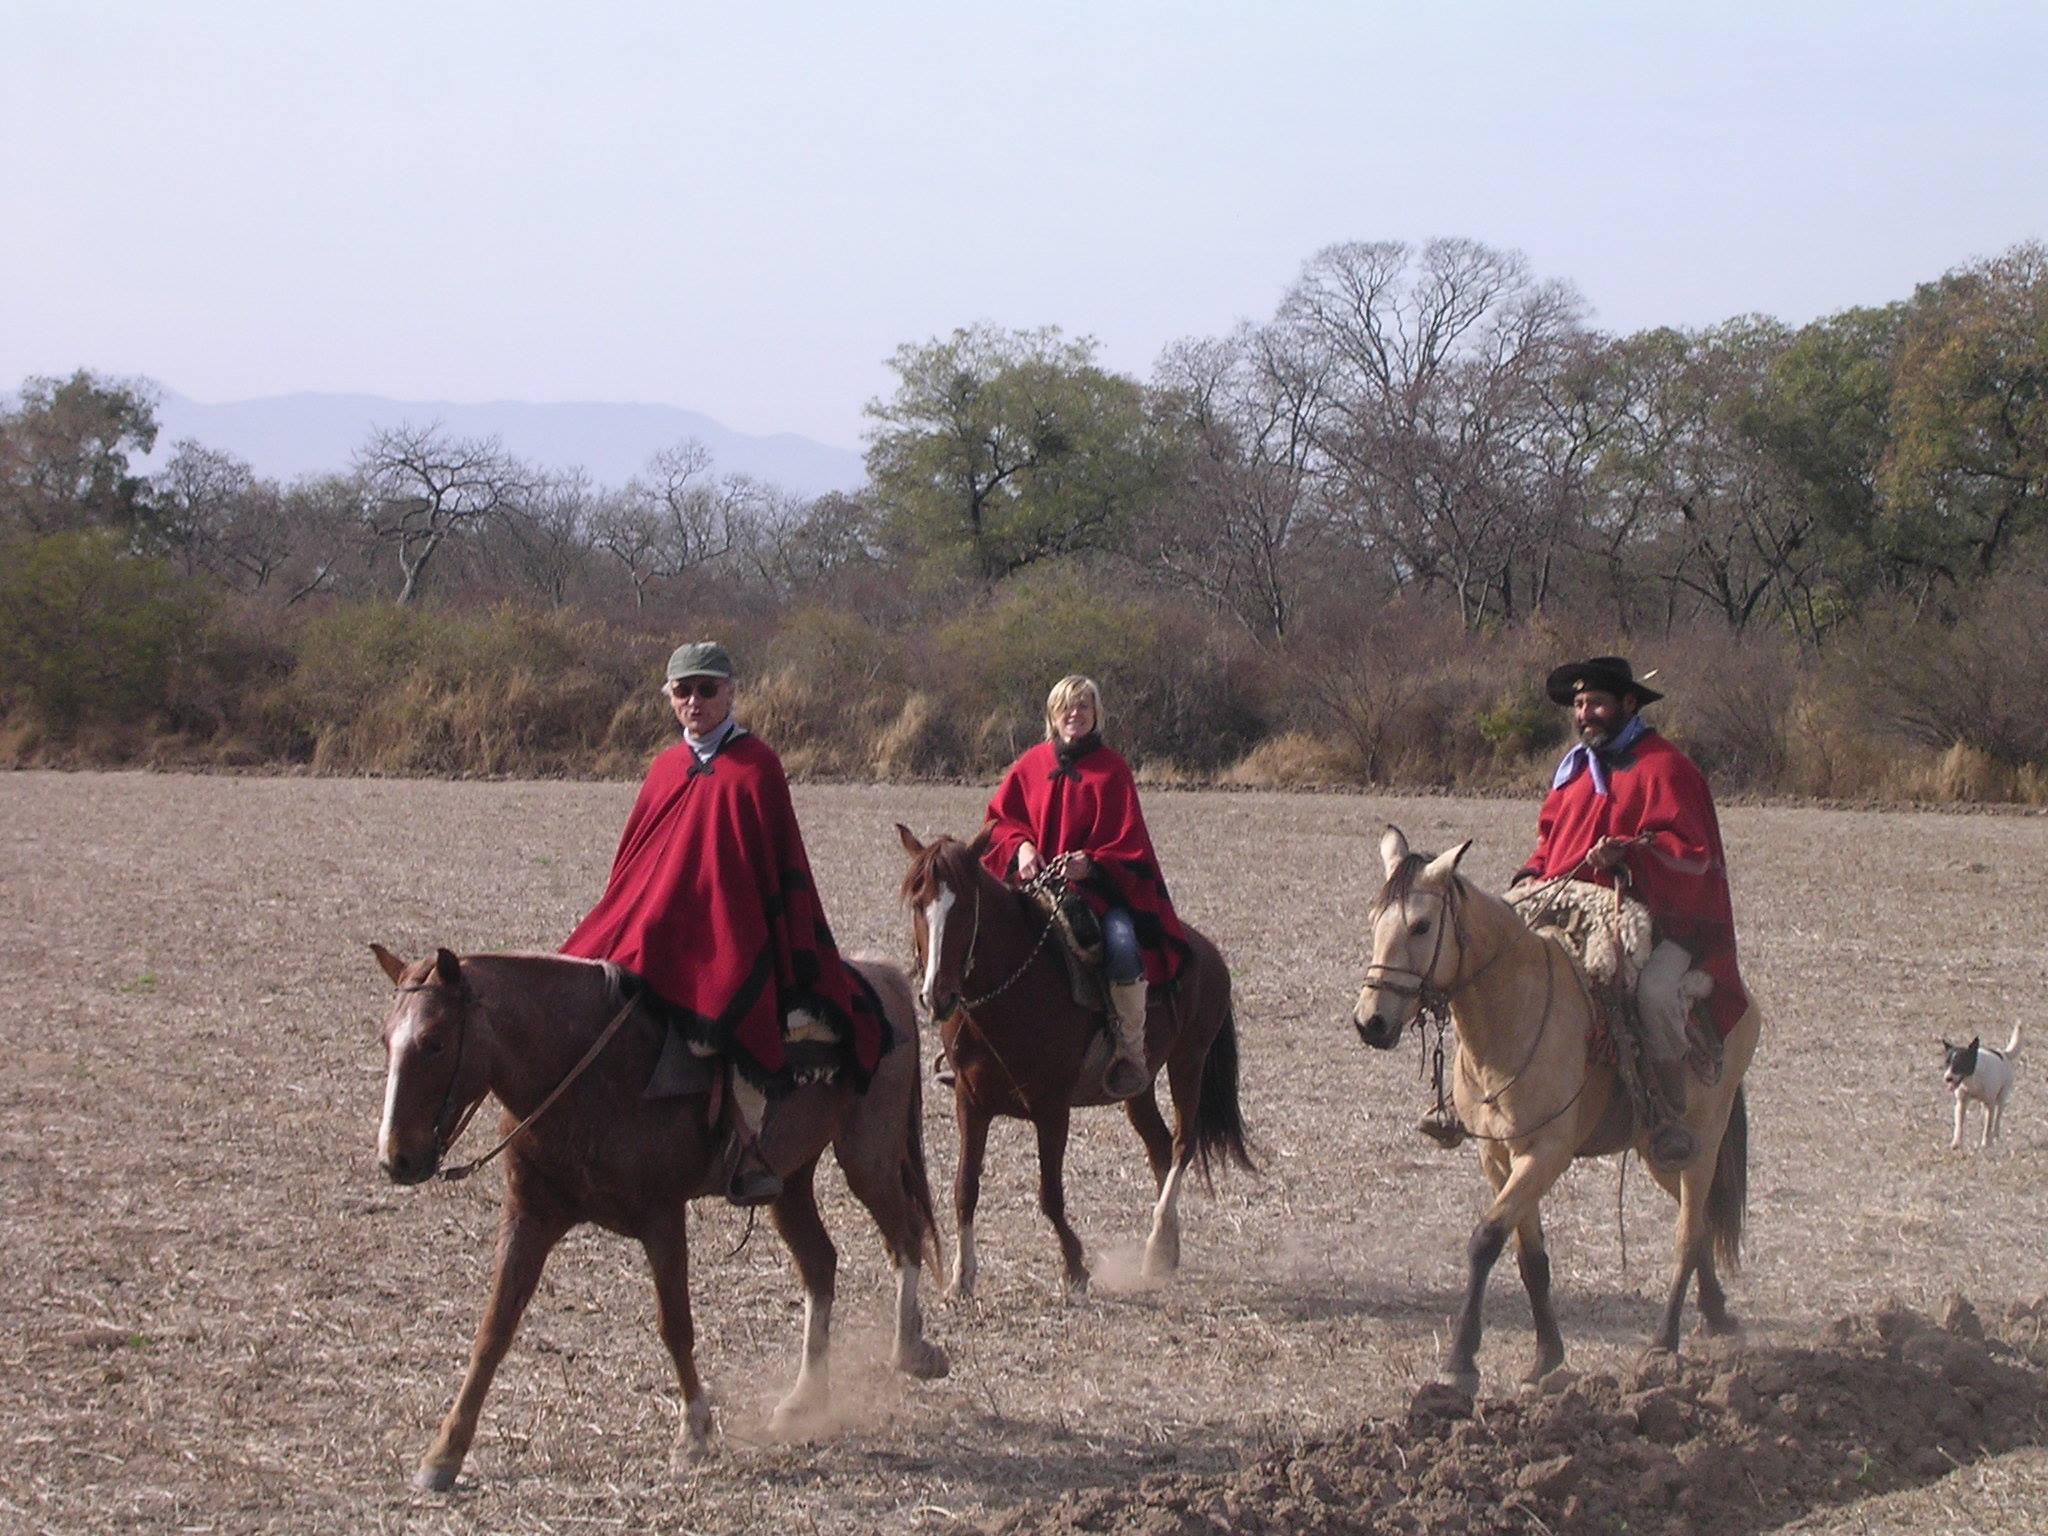 horseback-riding-at-el-bordo-de-las-lanzas-02